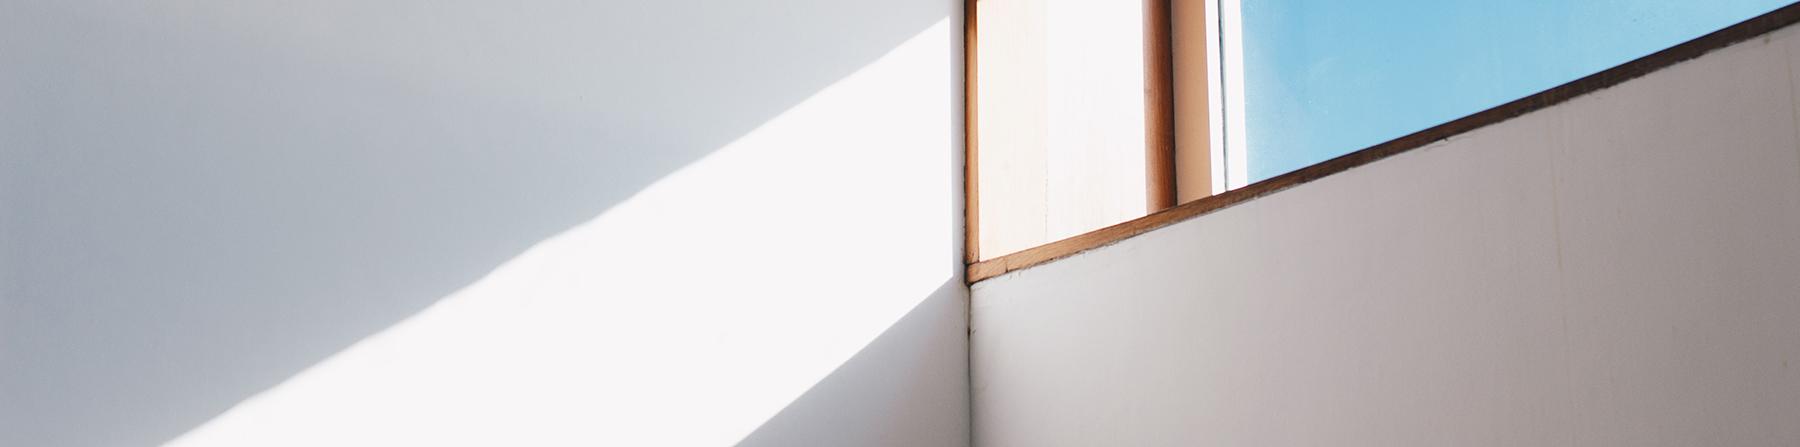 Canicule: 5 astuces pour rafraichir l'intérieur de sa maison en été